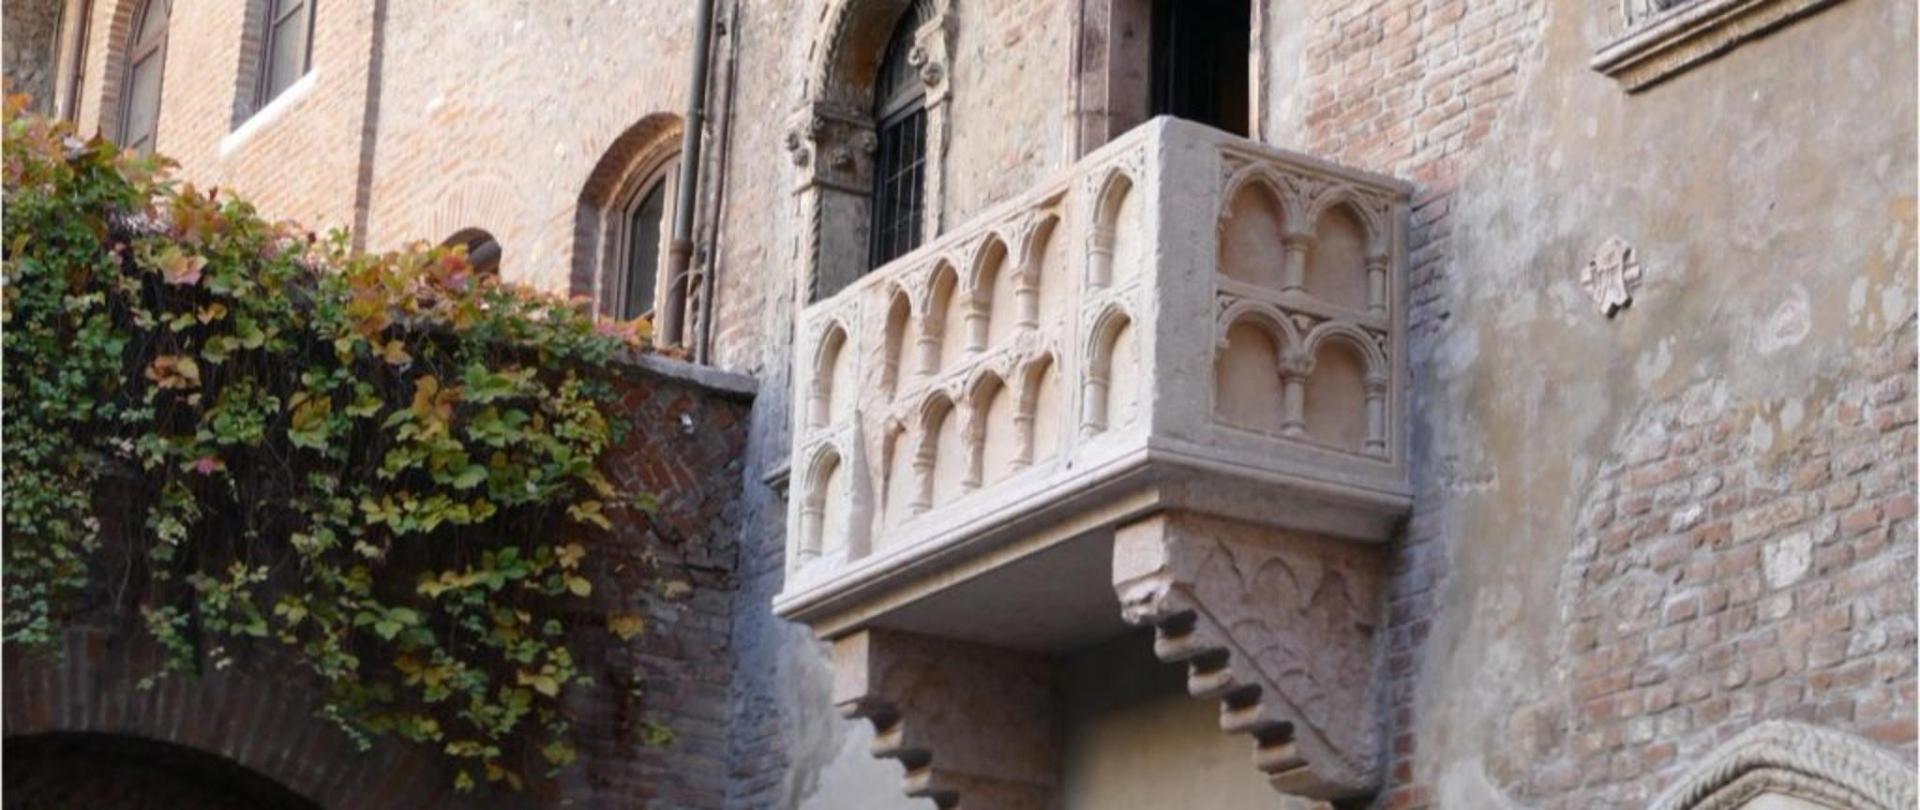 Balcone di giulietta-1024x683.jpg